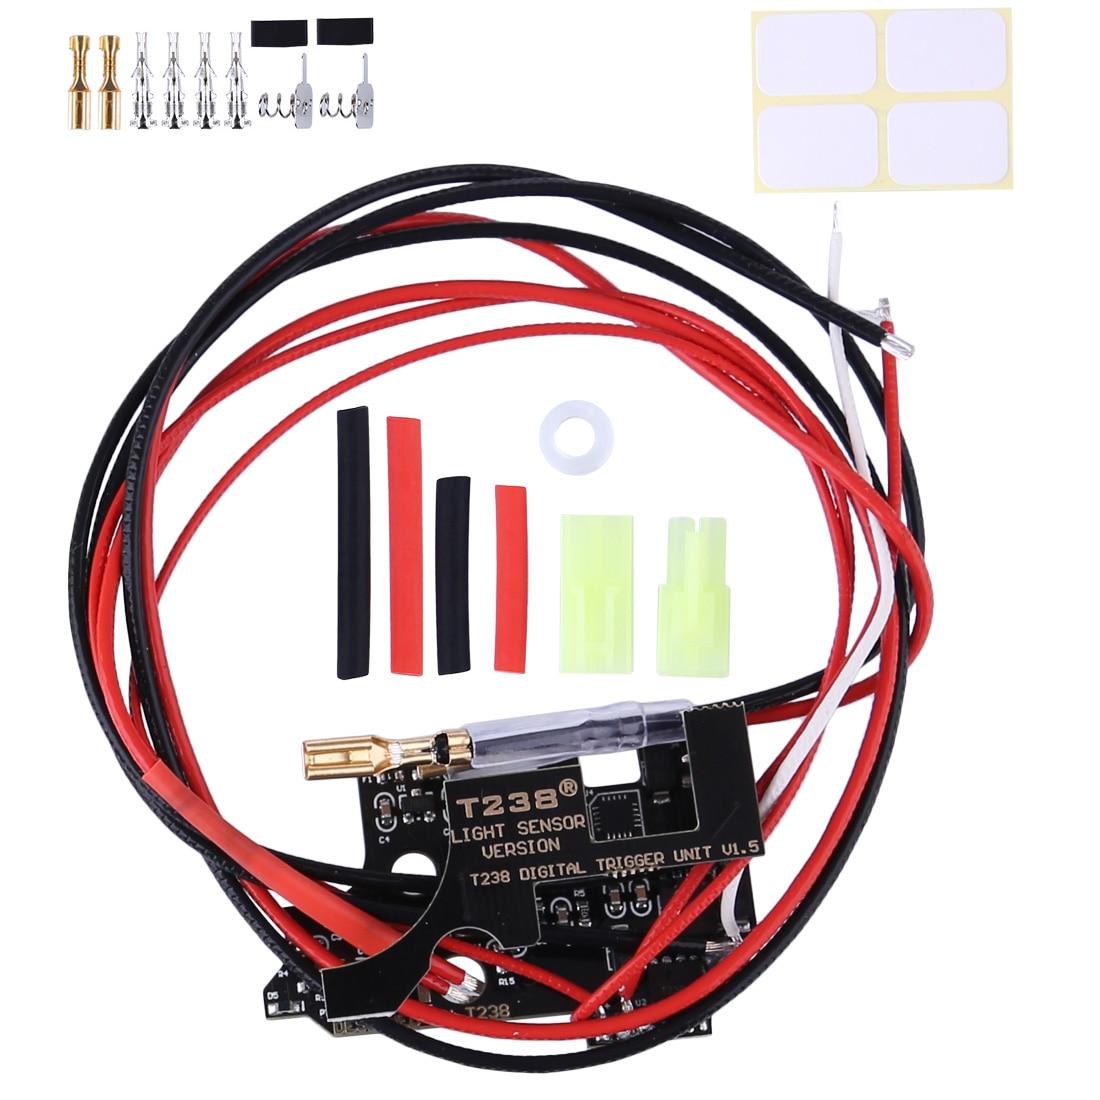 T238 Programmable MOSFET Electronic Fire Control Module For XWE M4 / JM Gen.9 / FB / Kublai / Jingji / JQ No.2 Gearbox